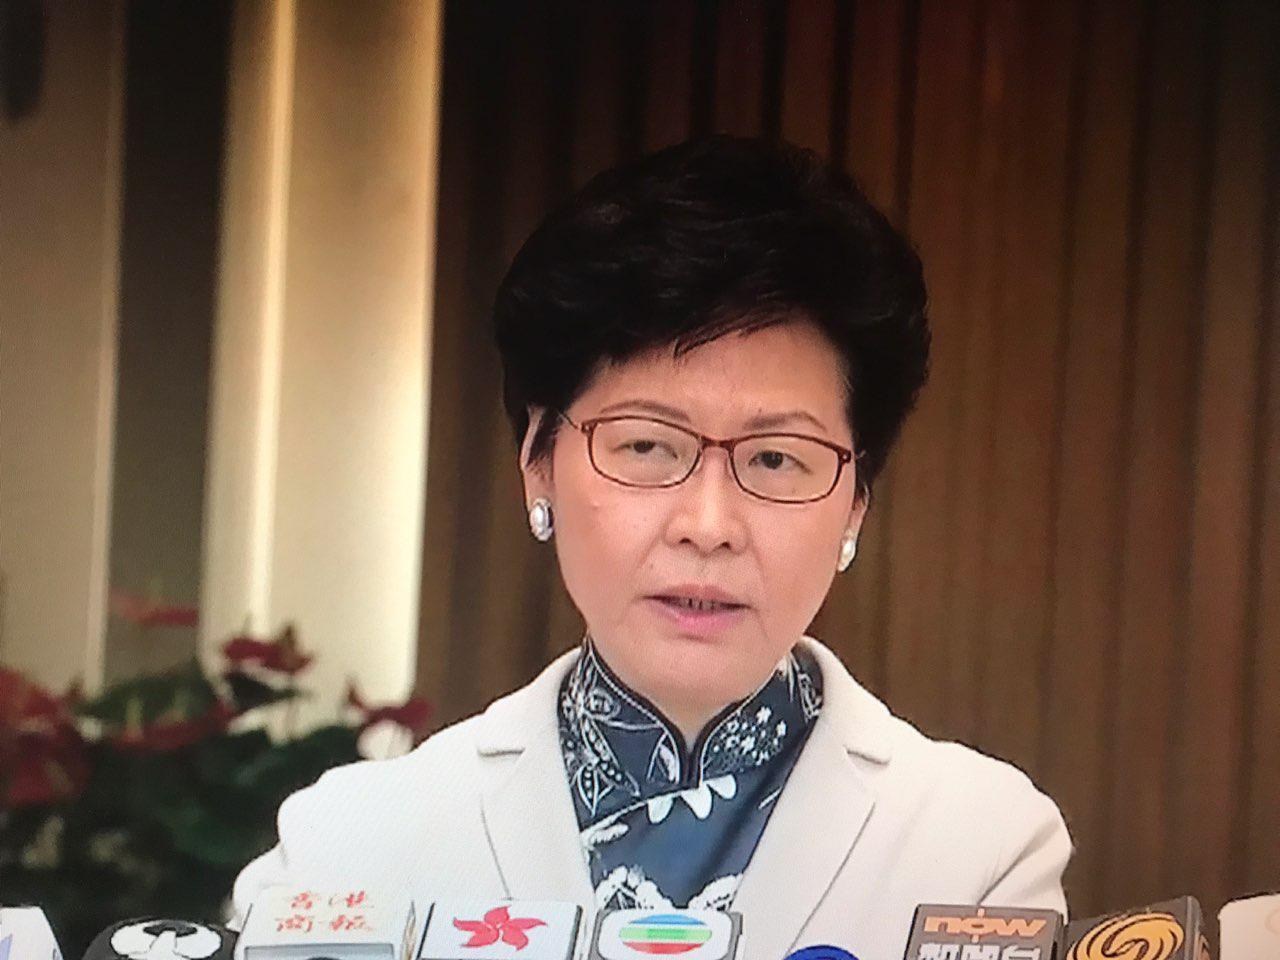 特首林鄭月娥出席行政會議前稱,不打算處理朱凱廸立法會議員身份問題。 (網絡截圖)